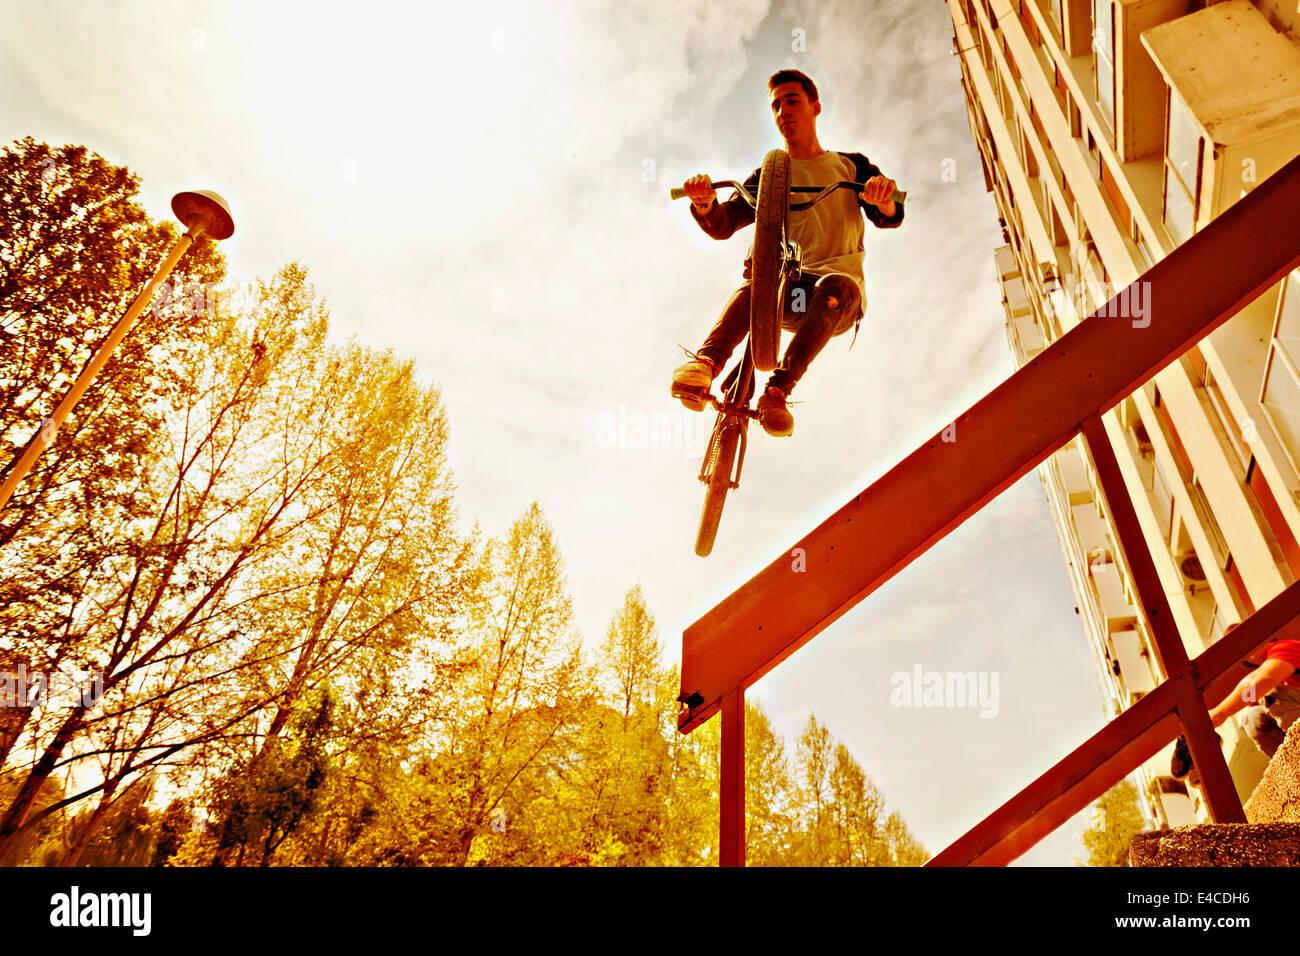 L'exécution d'un biker BMX stunt sur une balustrade Photo Stock